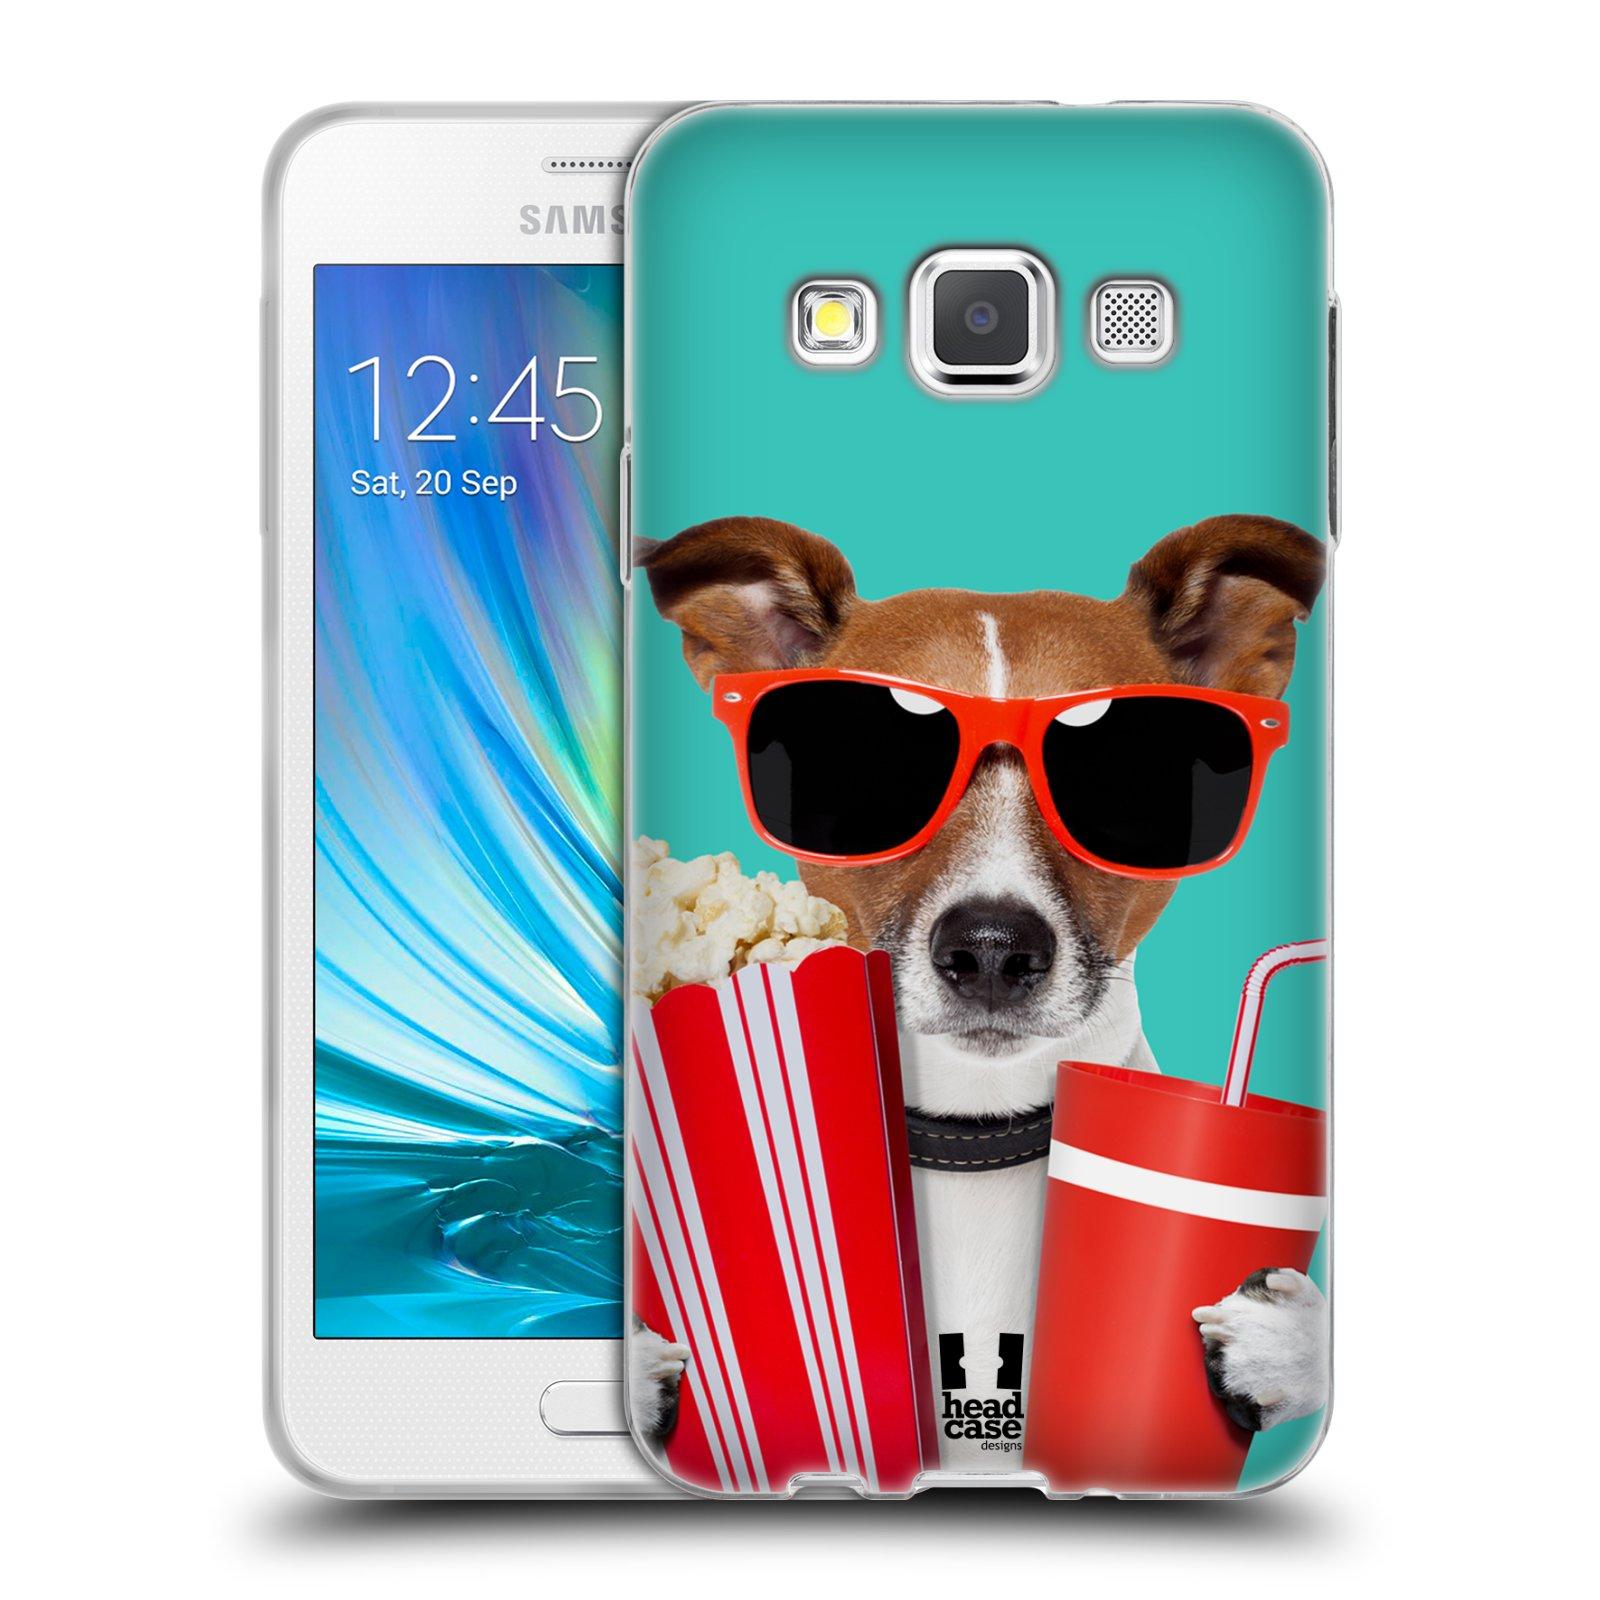 HEAD CASE silikonový obal na mobil Samsung Galaxy A3 vzor Legrační zvířátka pejsek v kině s popkornem